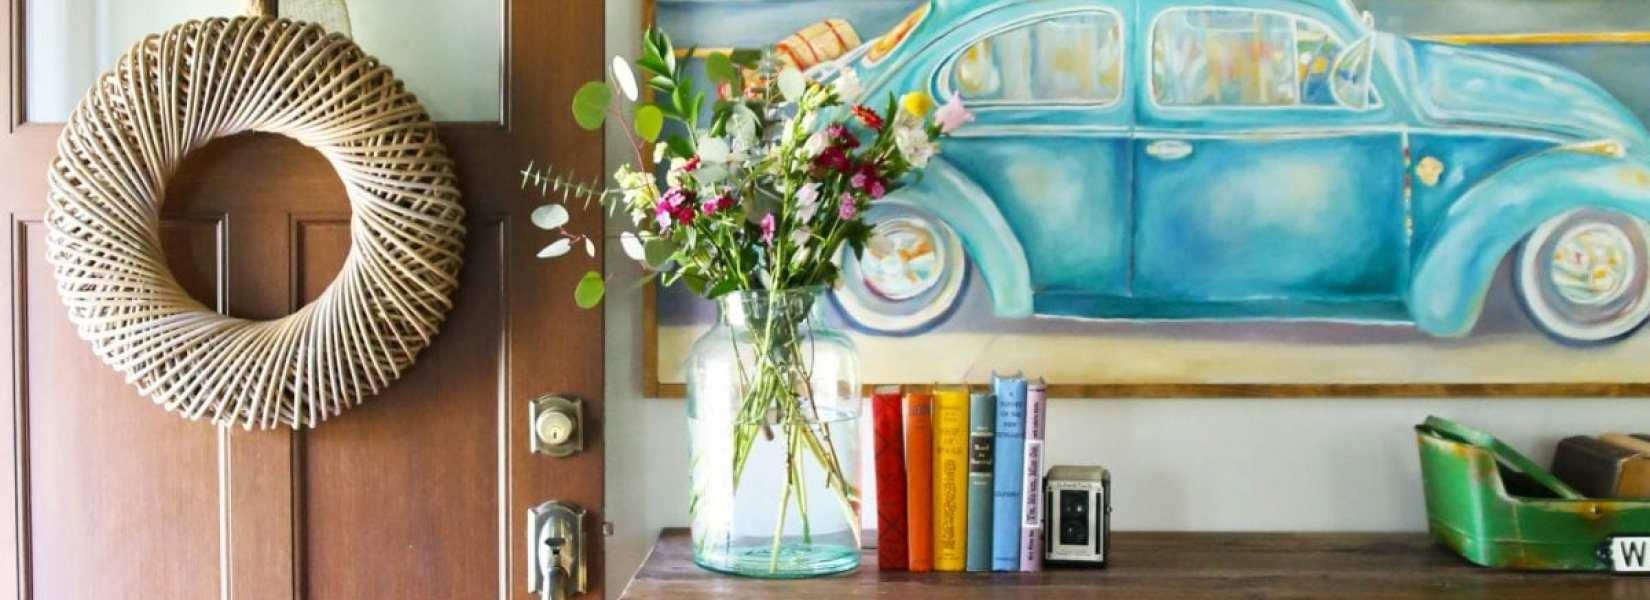 1 bouquet 5 ways: easy flower styling ideas